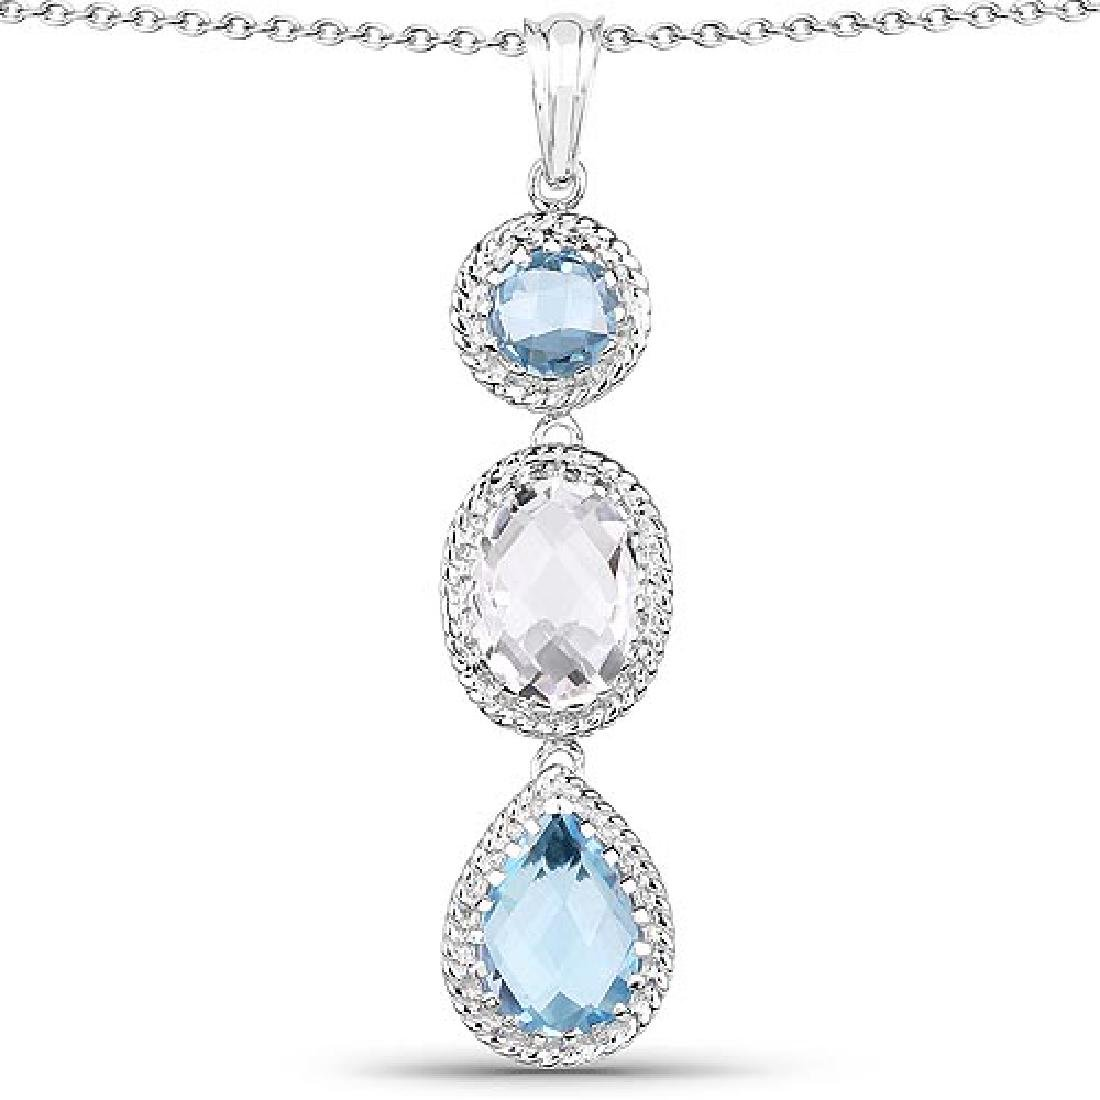 13.10 Carat Genuine Crystal Quartz and Blue Topaz .925